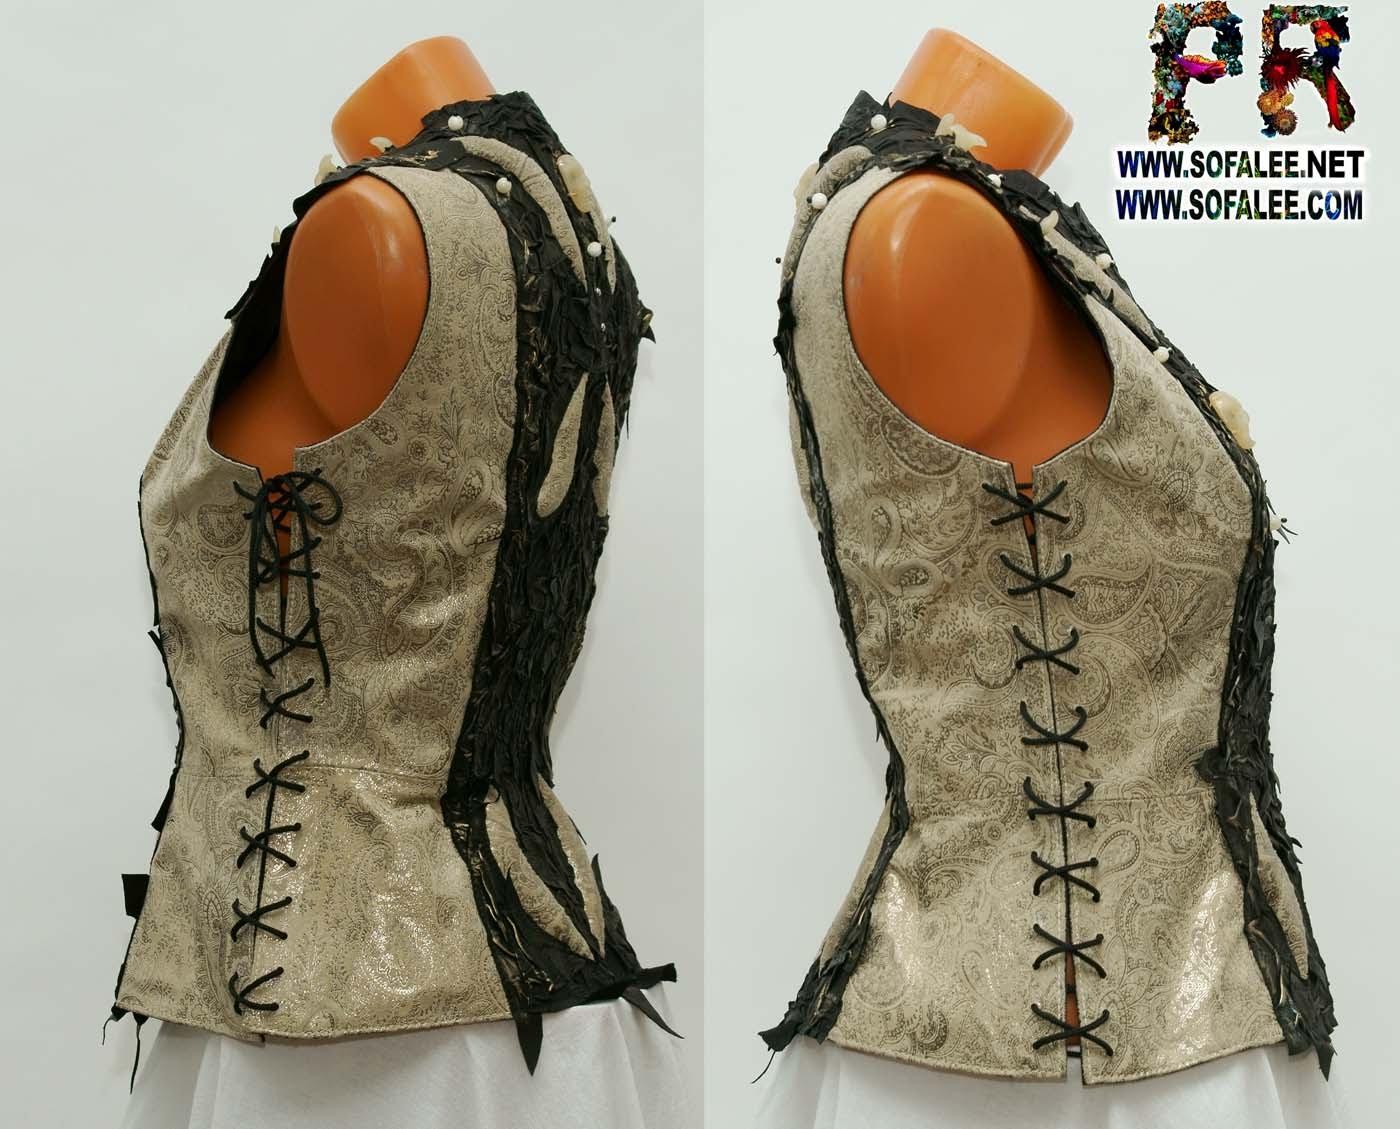 женская куртка жилетка кожаная 002